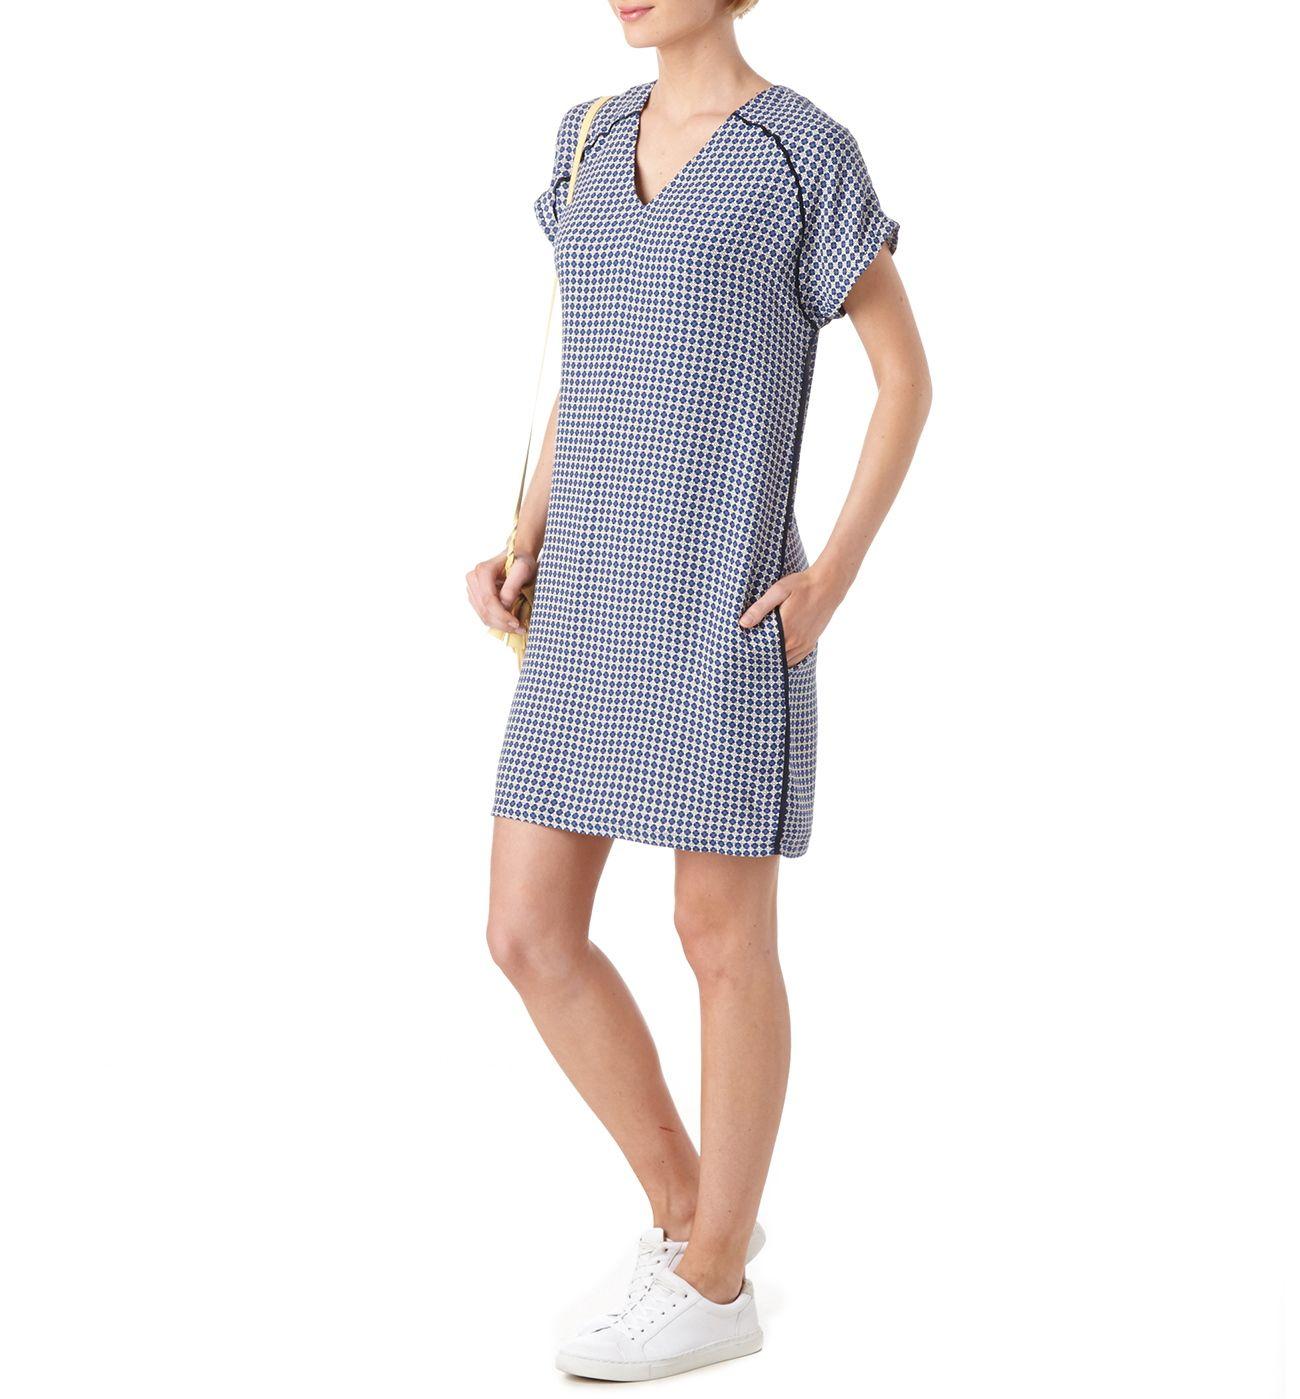 e94b0400579 Robe droite imprimée Femme - Imprimé Marine - Robes - Femme - Promod ...